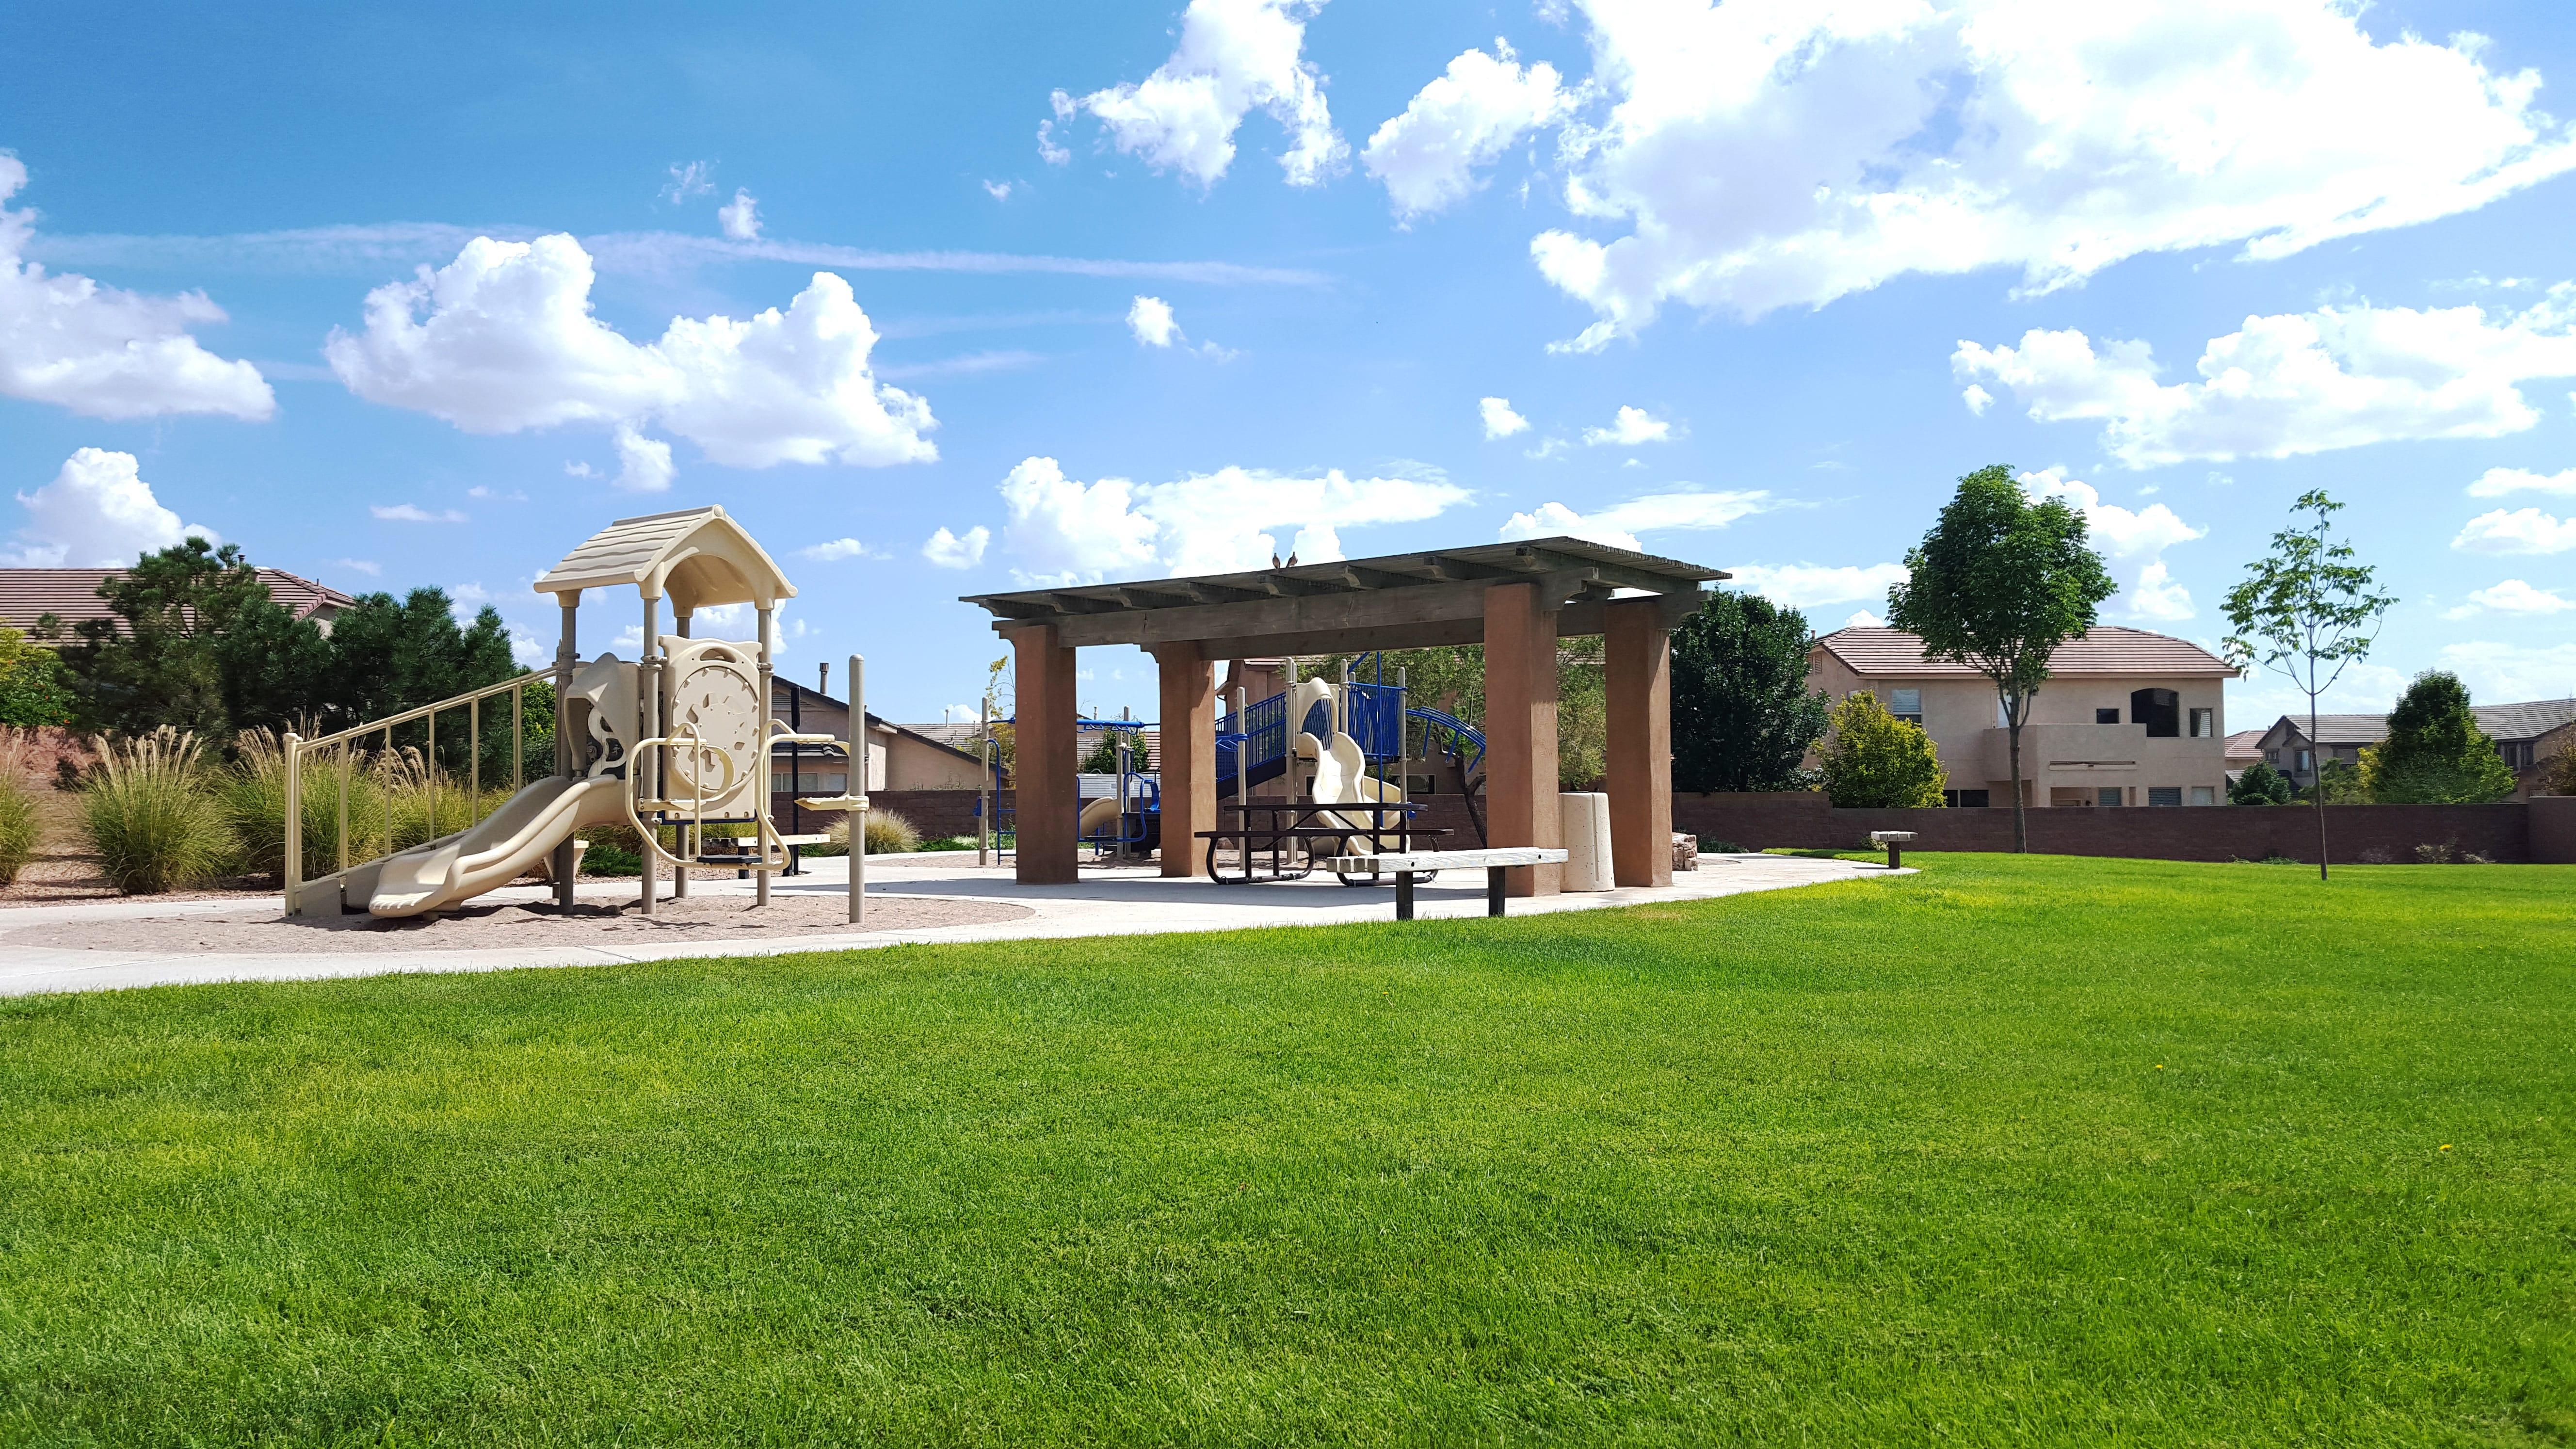 Astanté Park